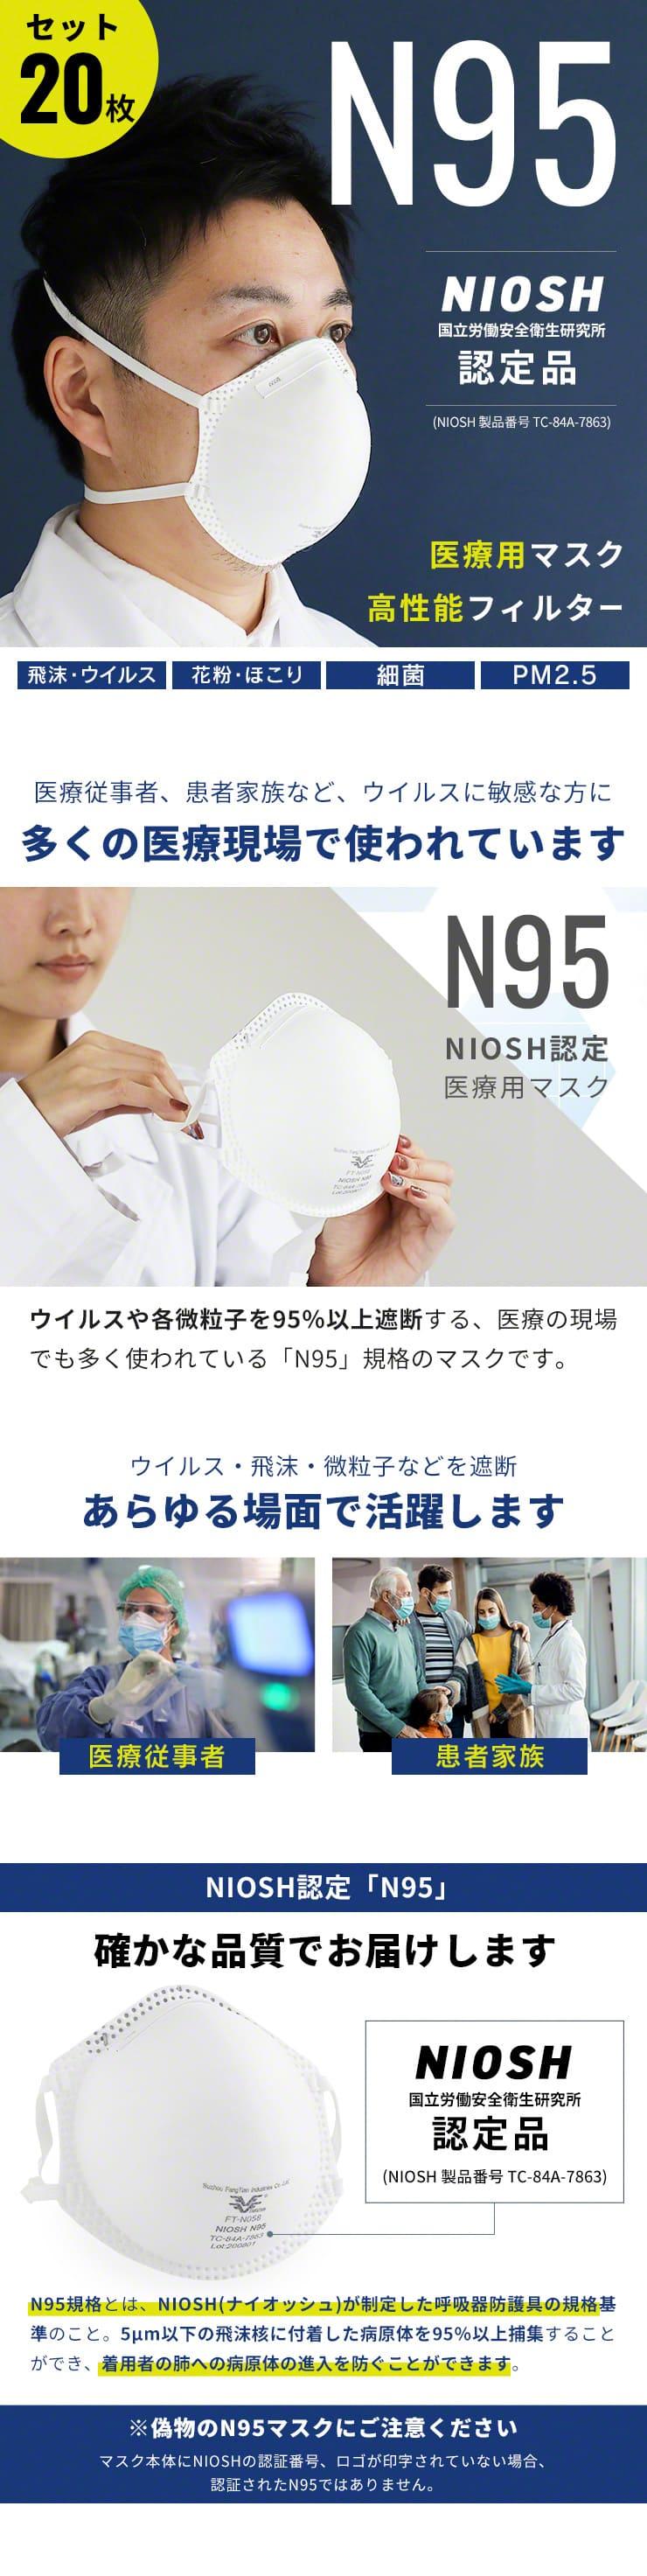 医療用マスク N95 NIOSH 認定 不織布 4層フィルター 構造